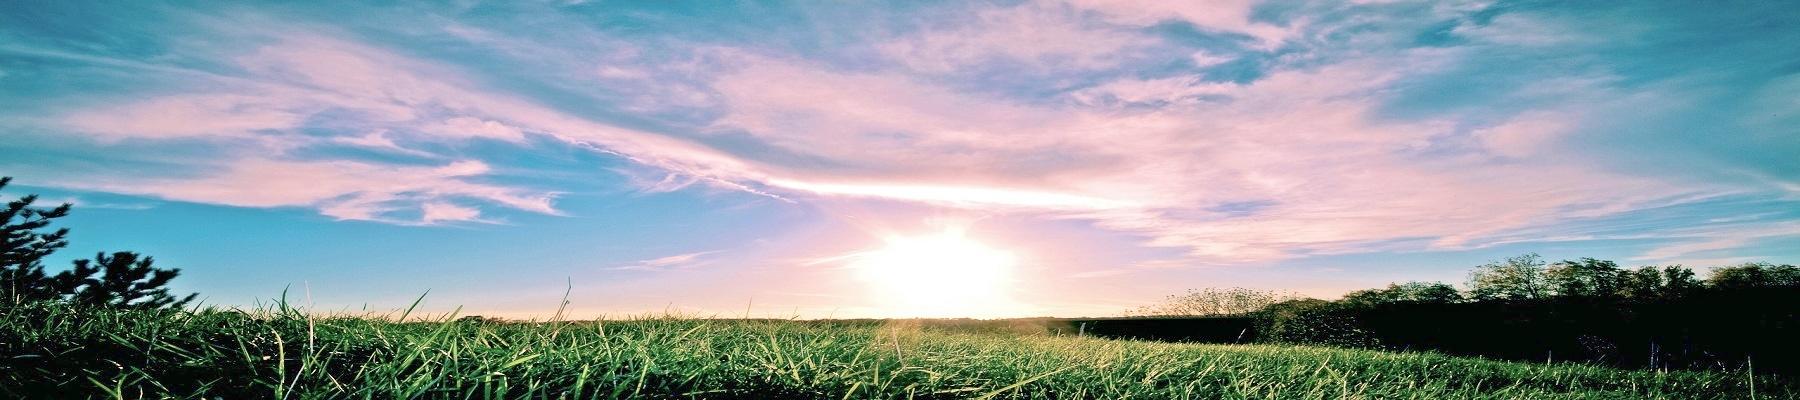 lowbird-landscape-daylight